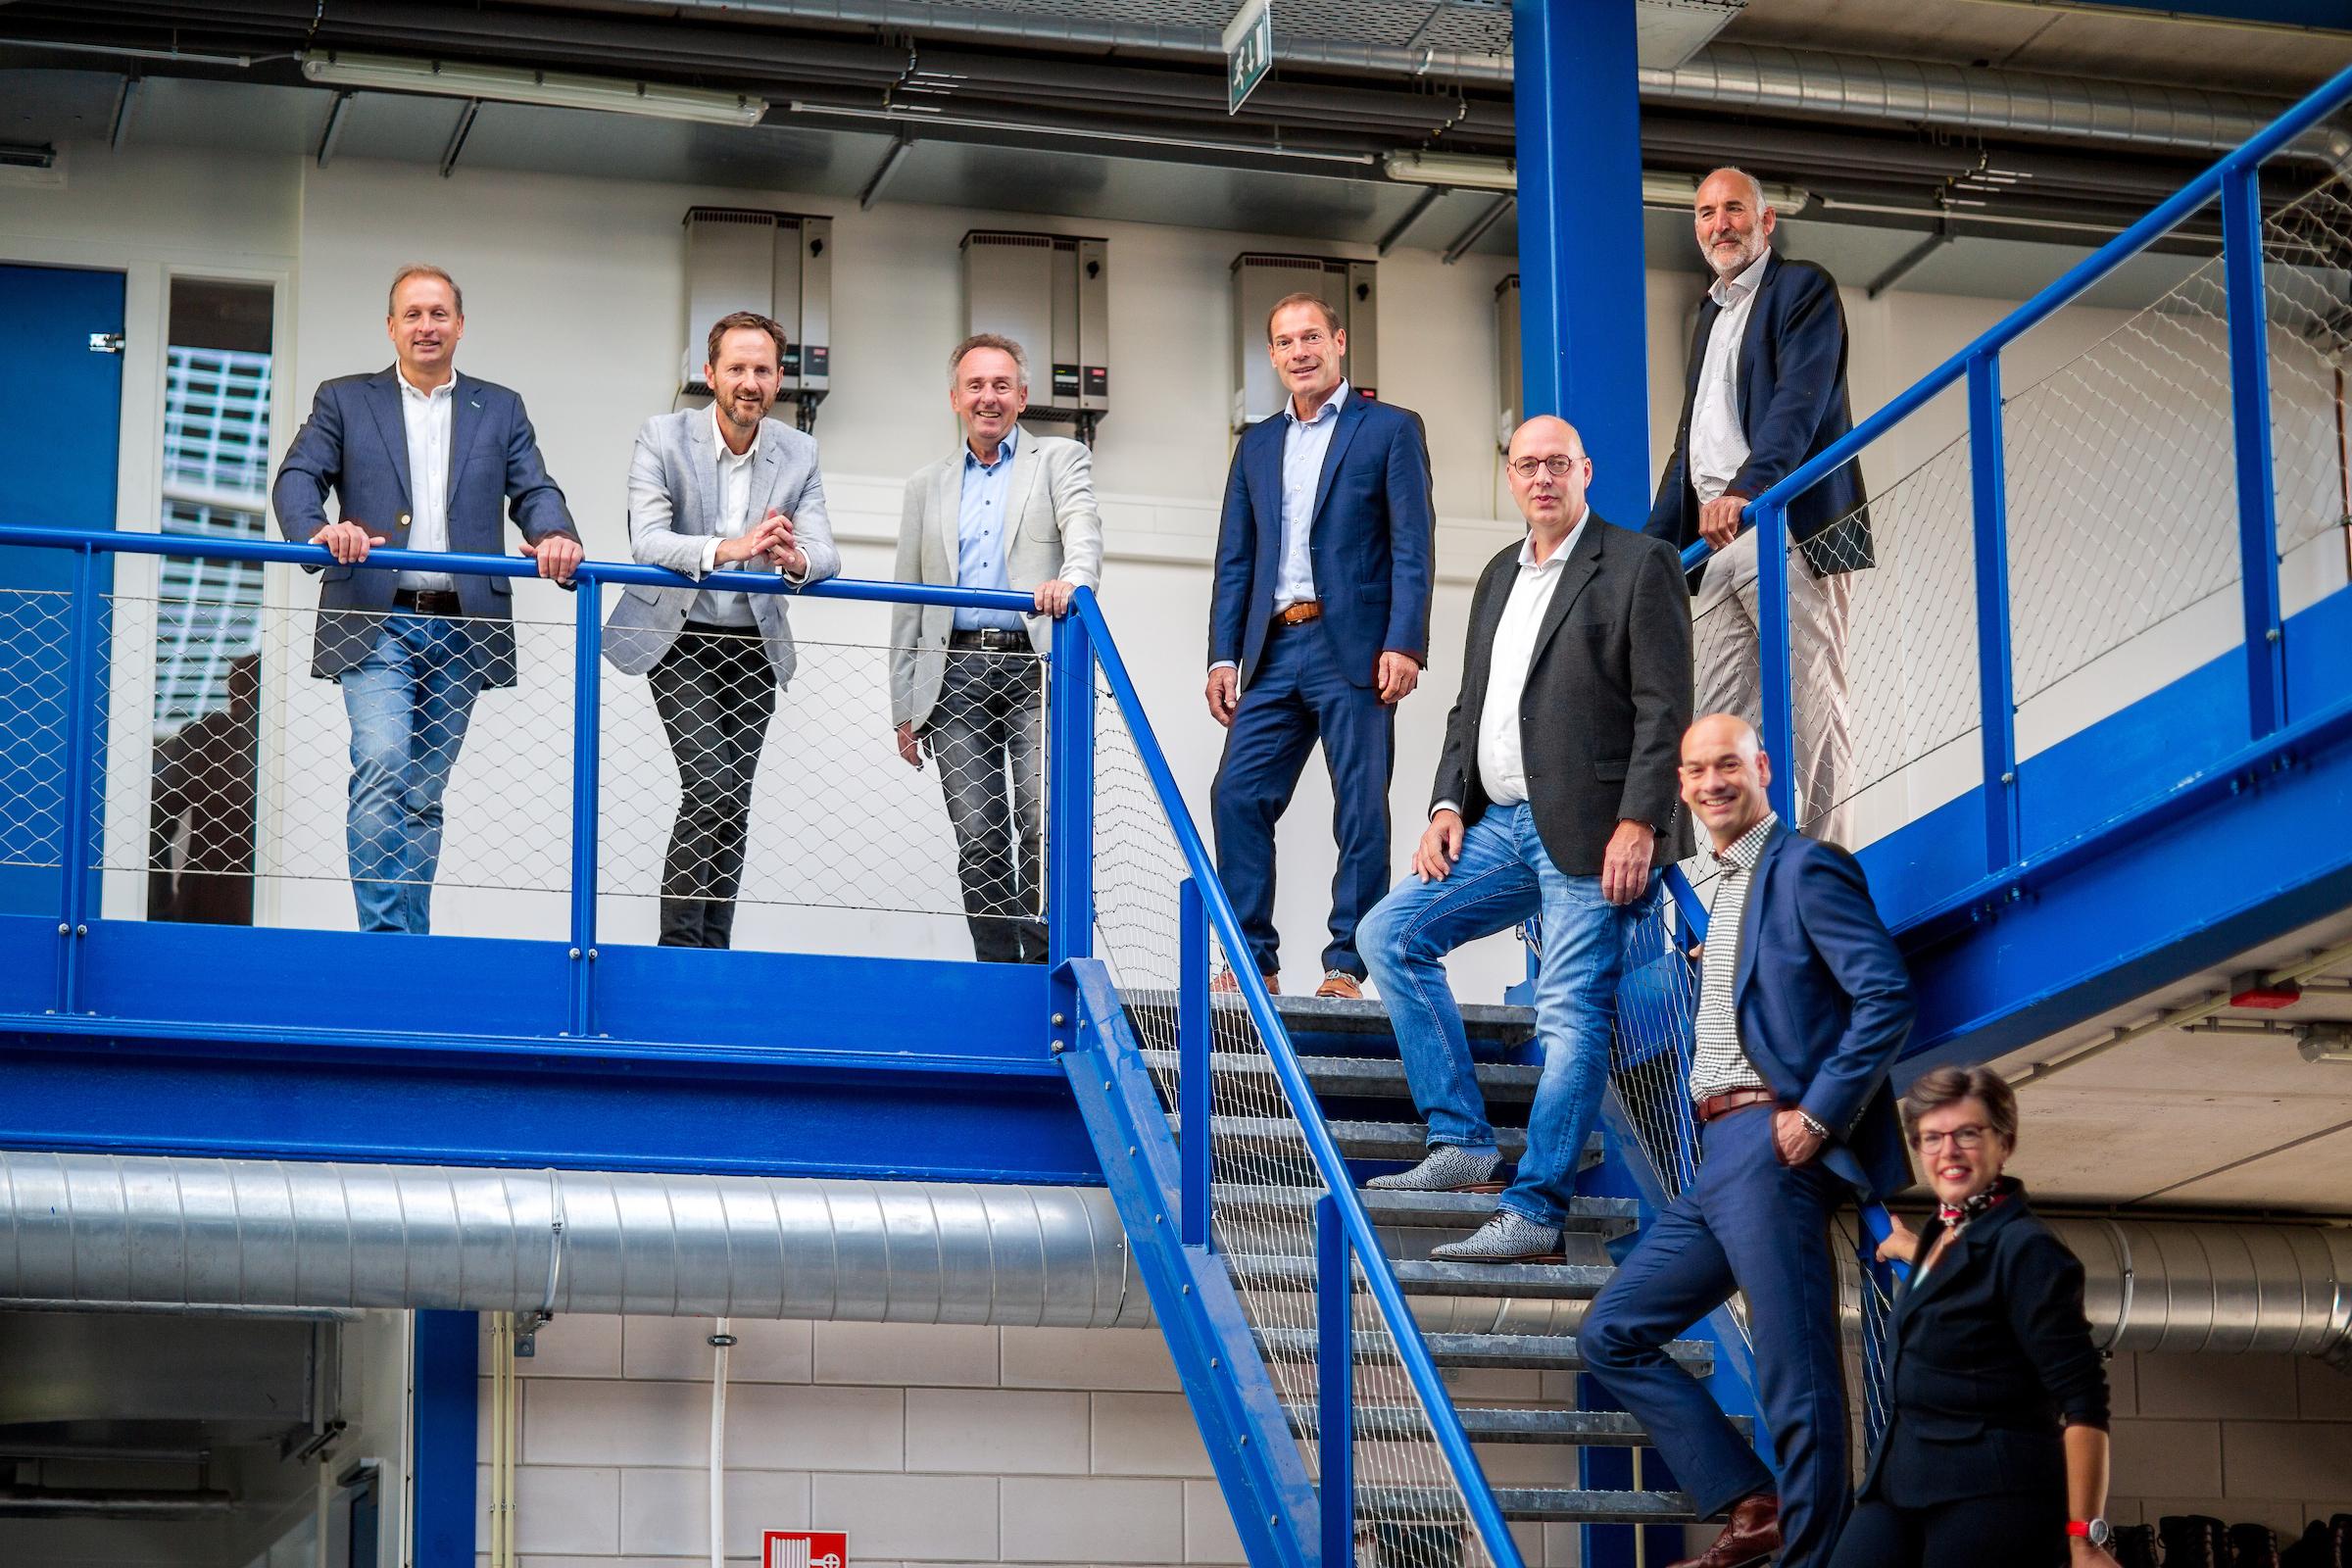 De initiatiefnemers van S-TEC van links naar rechts, Maurice van der Meer (WoonWijzerWinkel), Stefan van Tongeren (Energie Samen Rivierenland), Frans van Woesik (ROC Rivor), Toine Schinkel (Lingecollege), Robbert Lubken (IW Midden), Han ter Reegen (Lingecollege), Stan Vloet (ROC Rivor), Margot Nijkamp (Stichting ESTI).